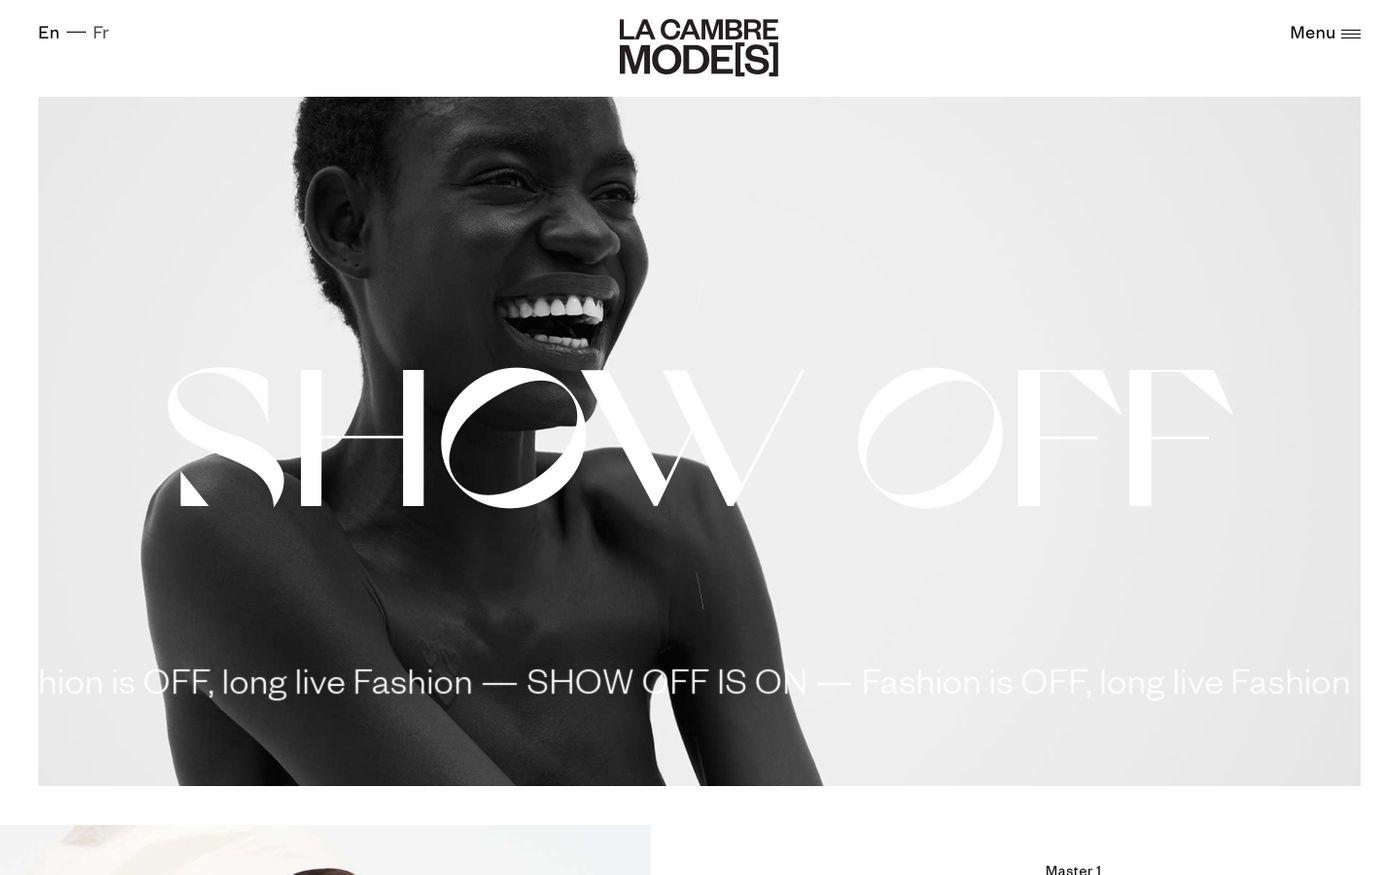 Screenshot of La Cambre Modes website